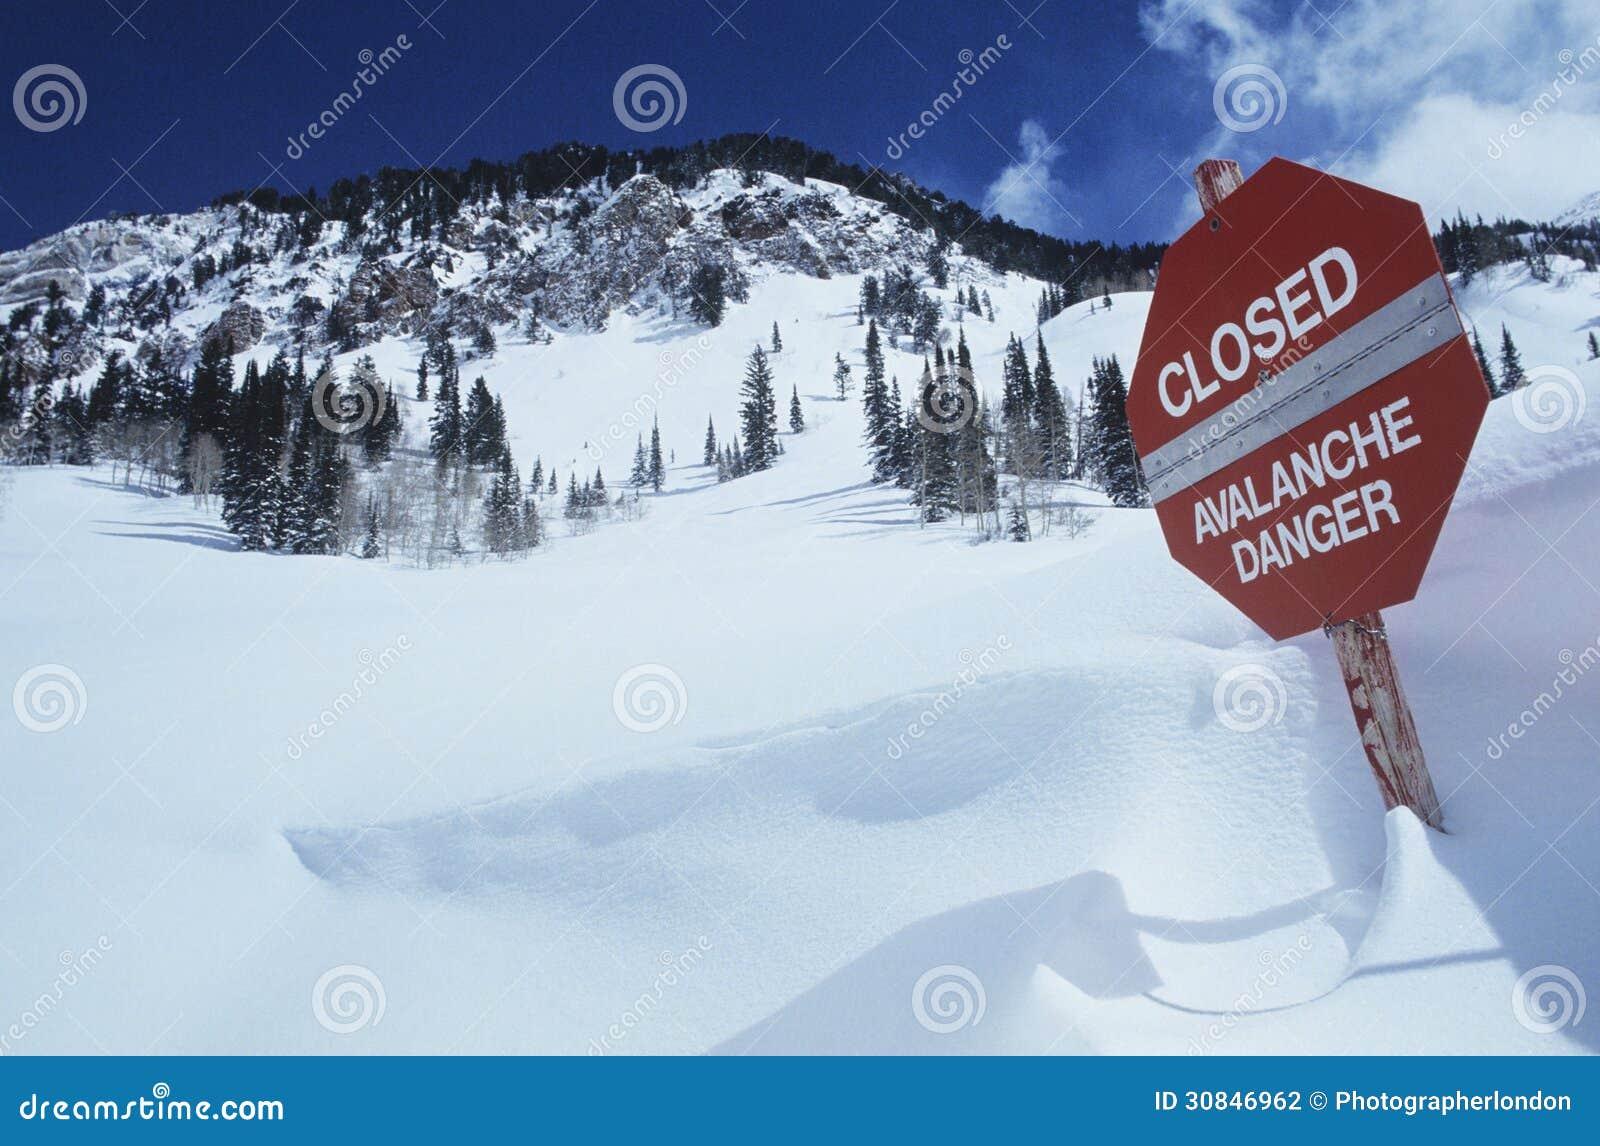 Gesloten--lawine danger teken in sneeuw